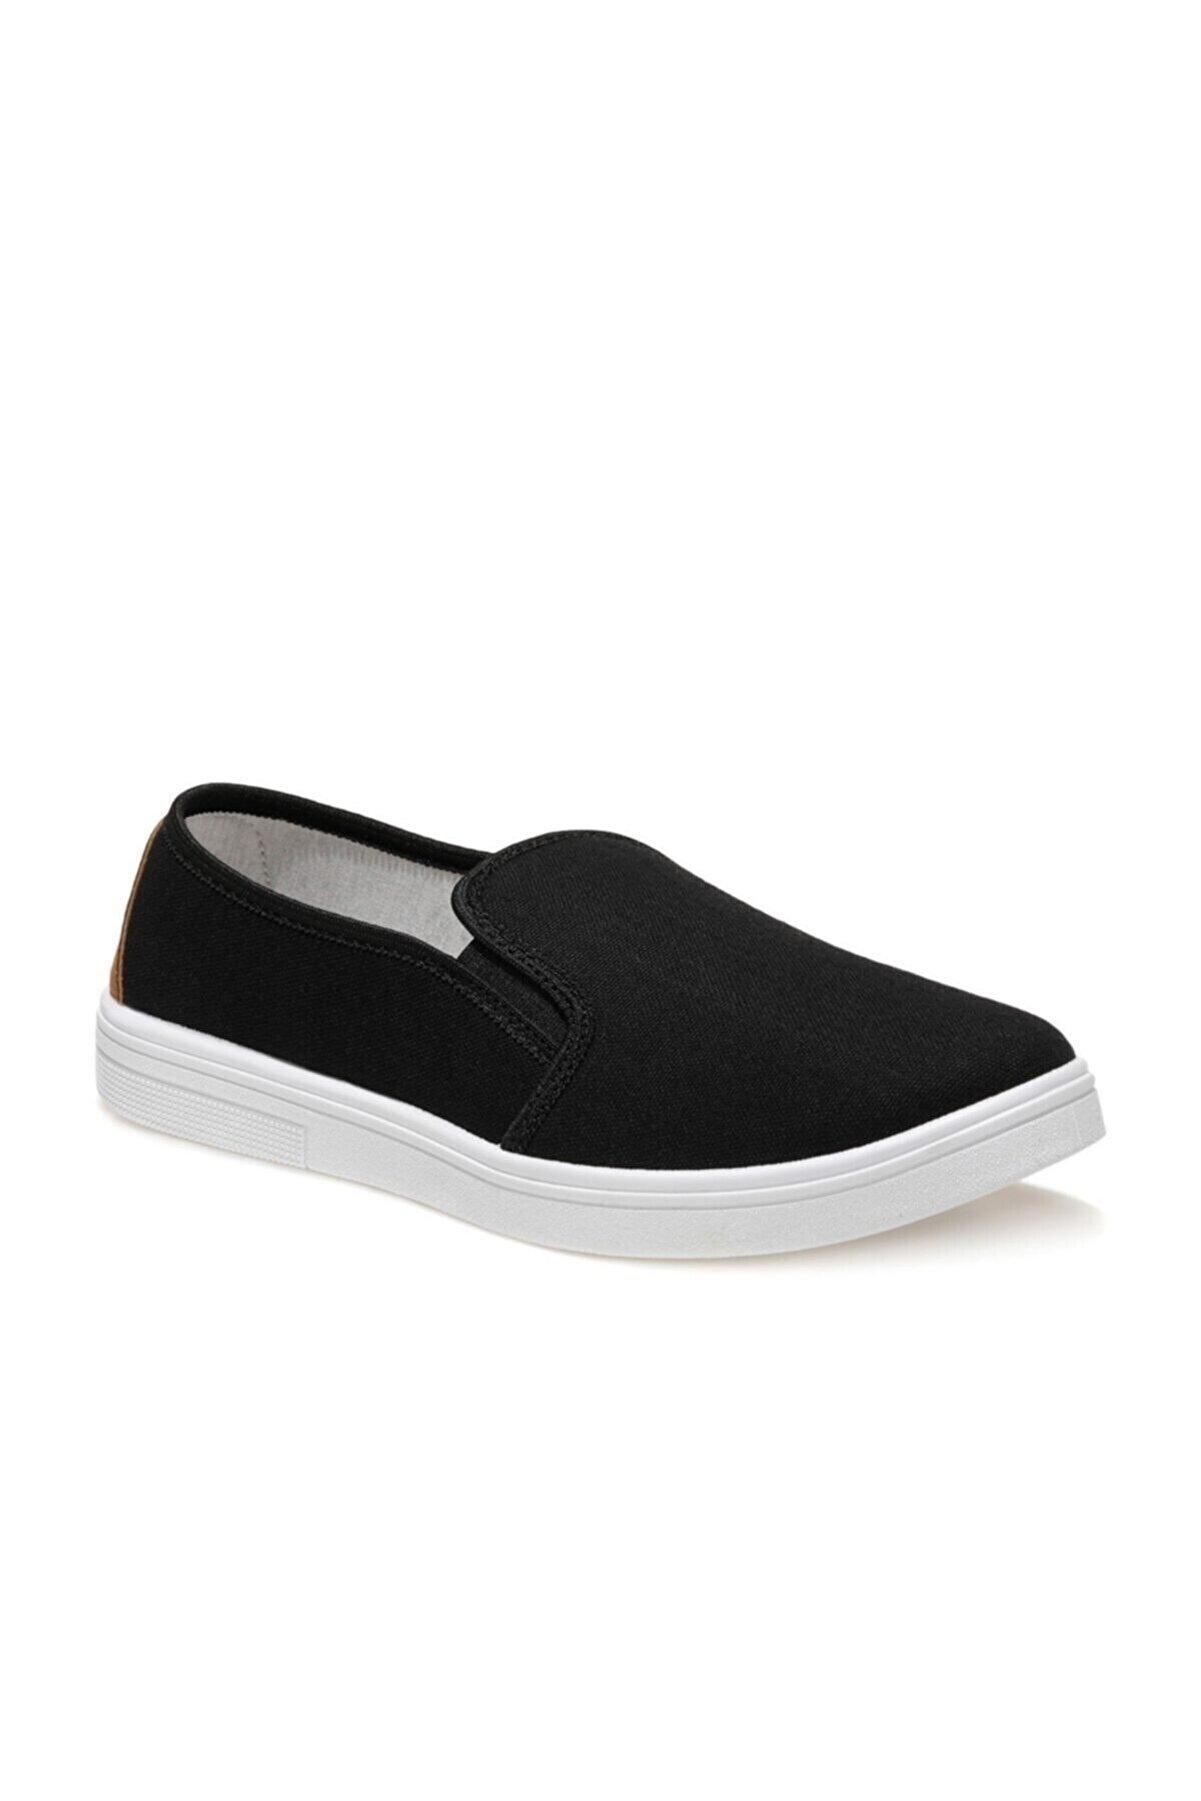 Polaris 356735.M1FX Siyah Erkek Slip On Ayakkabı 100936276